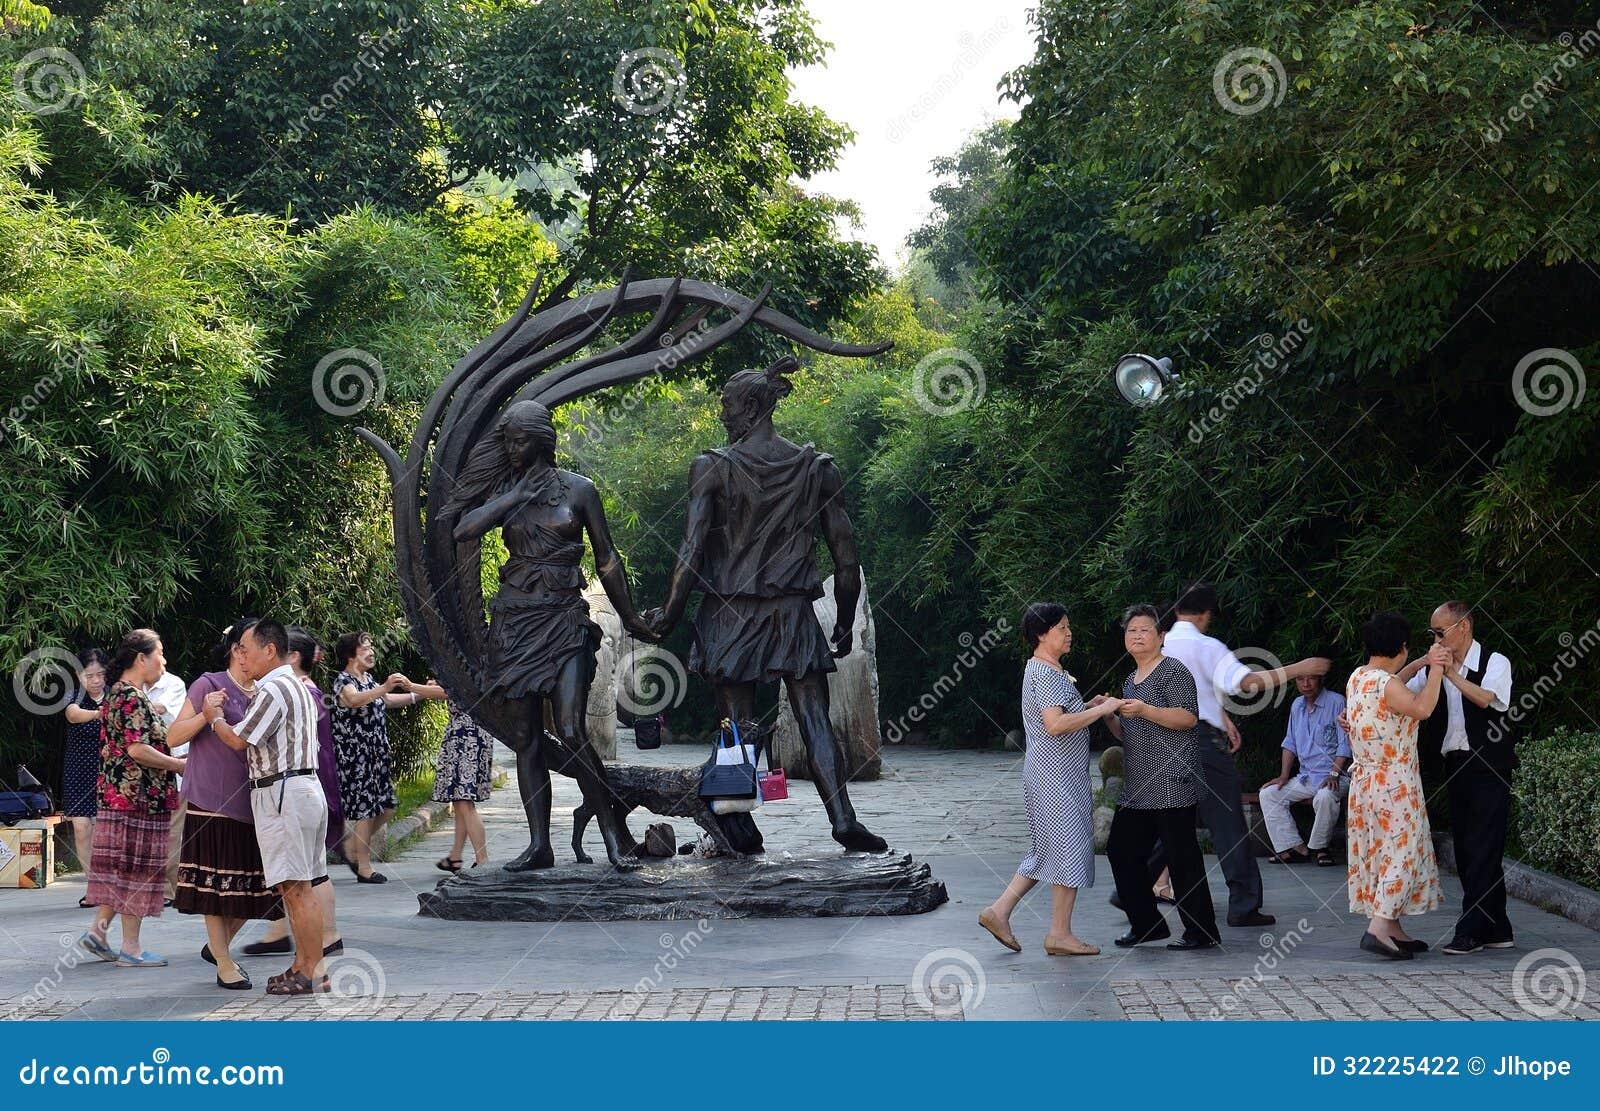 Download Idosos chineses fotografia editorial. Imagem de cidadãos - 32225422